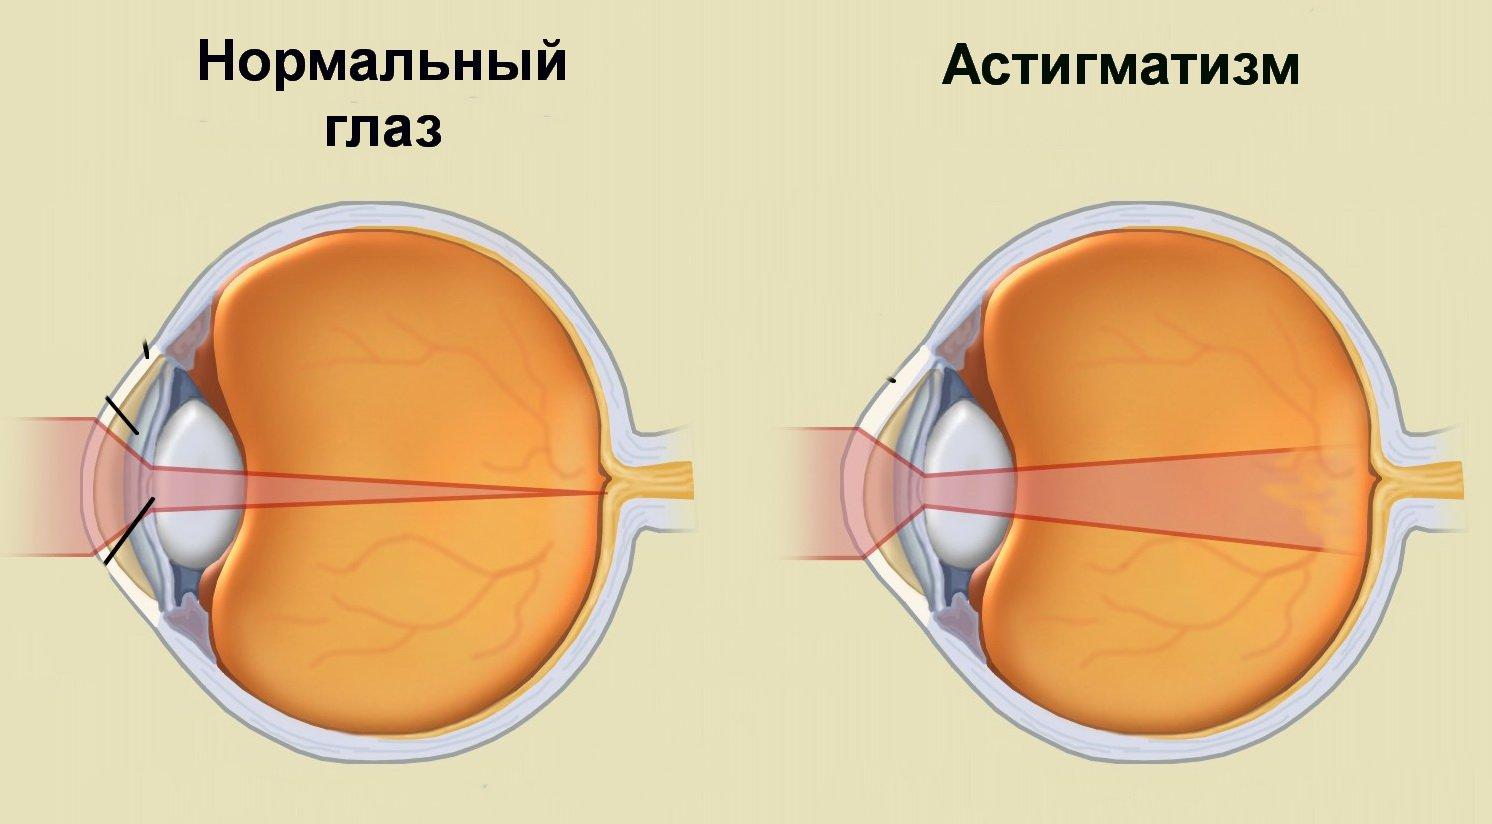 Otthoni gyógymódok a látás javítására   Természetes gyógymód   zonataxi.hu